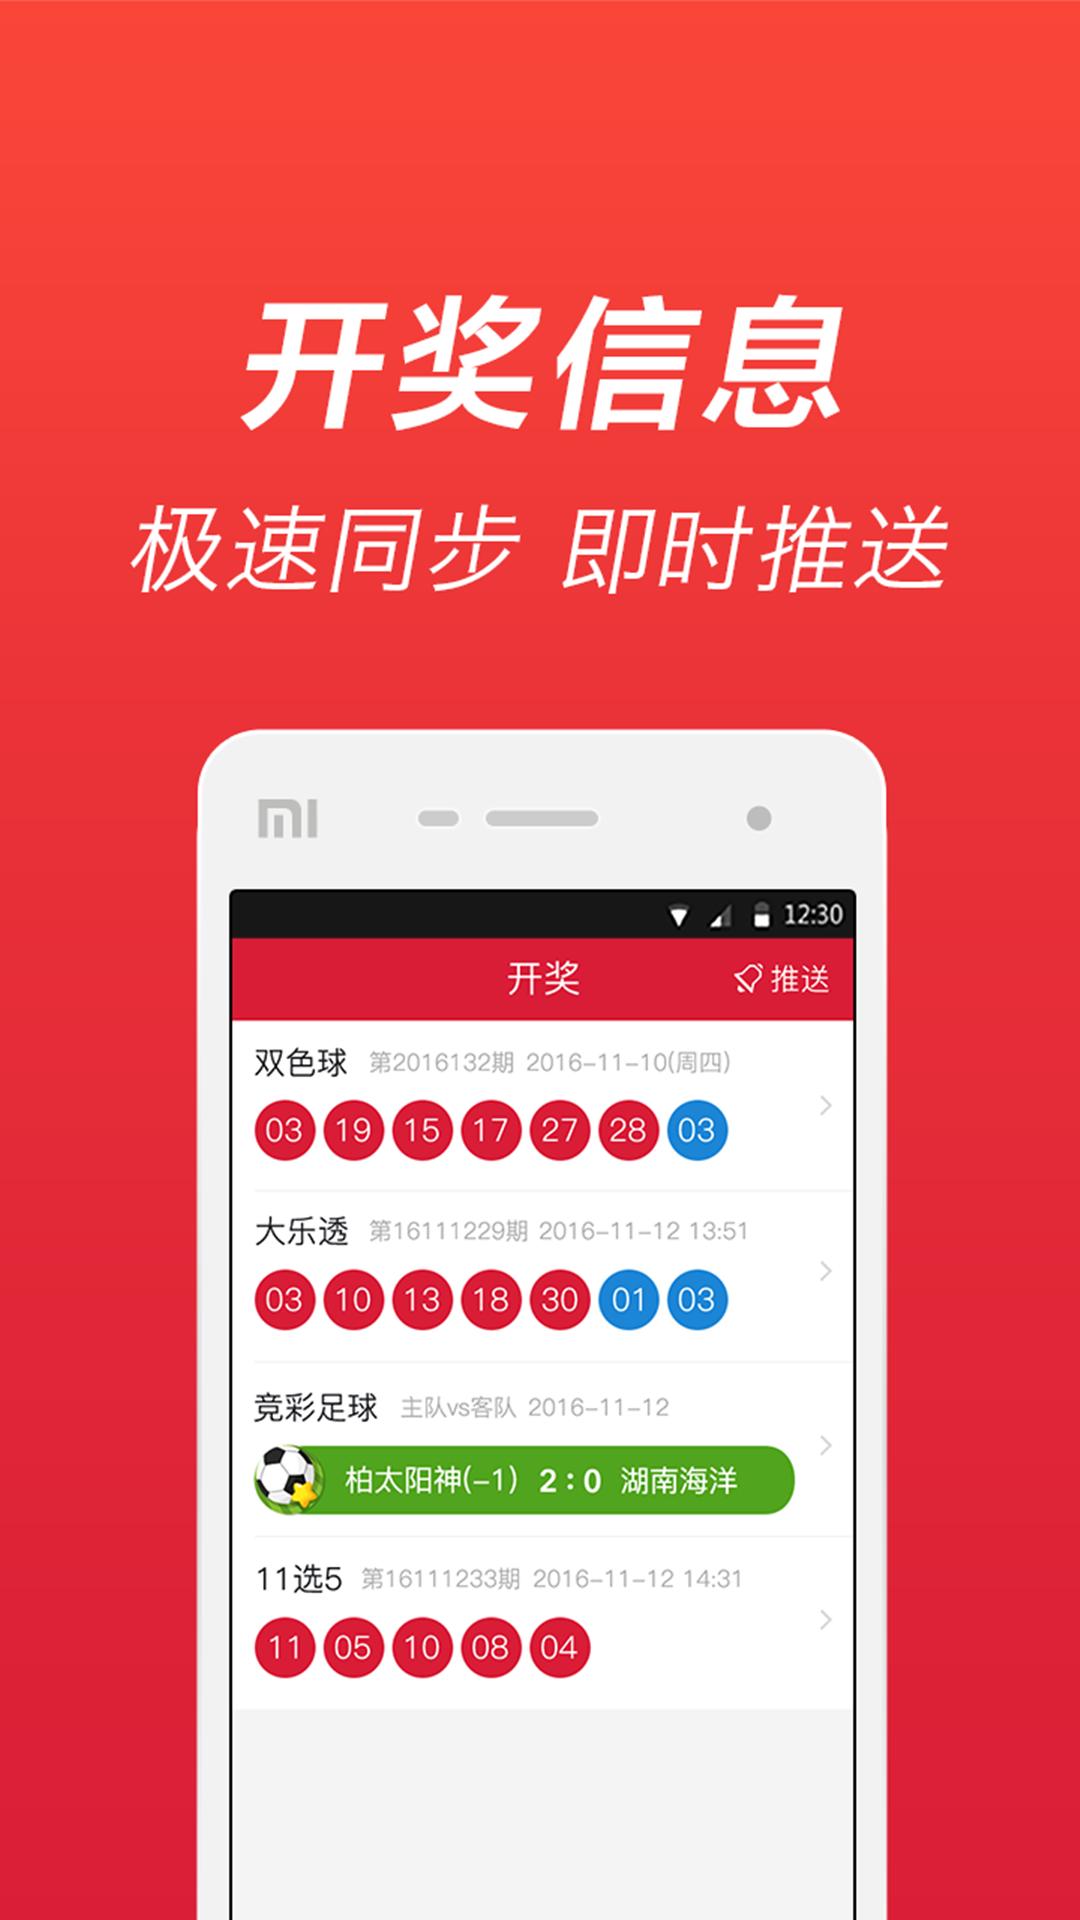 人人中彩票手机版下载|v1.4.26官方安卓2020版